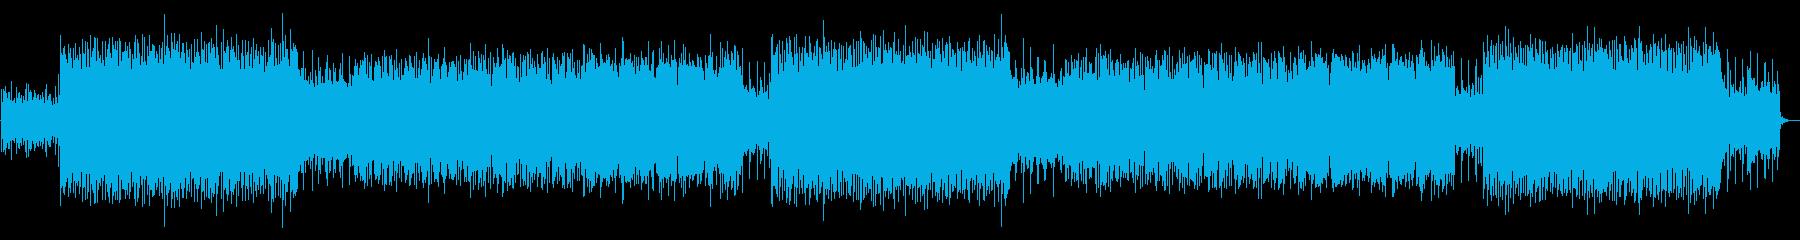 爽やかな生演奏フルートのアコースティックの再生済みの波形